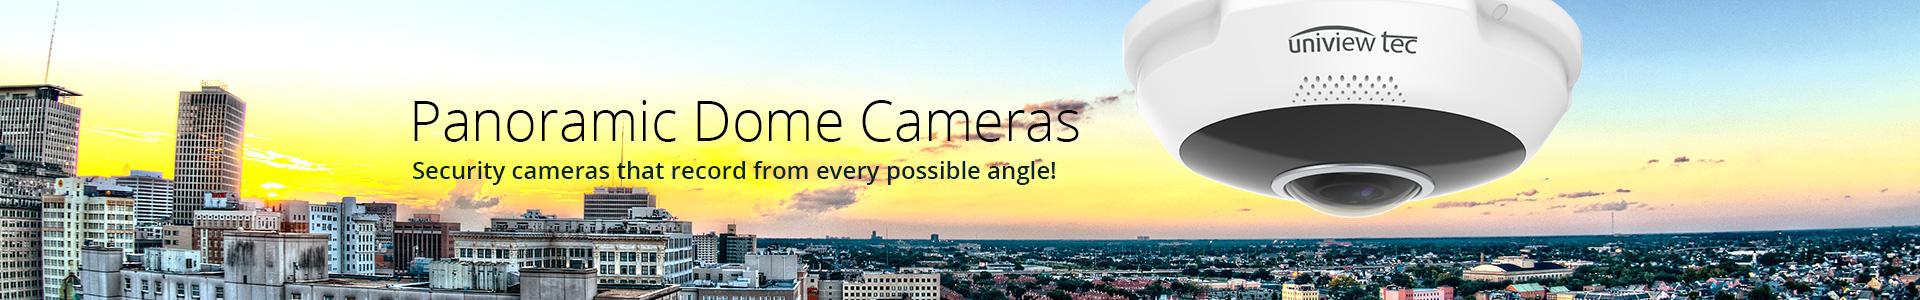 Panoramic Dome Cameras